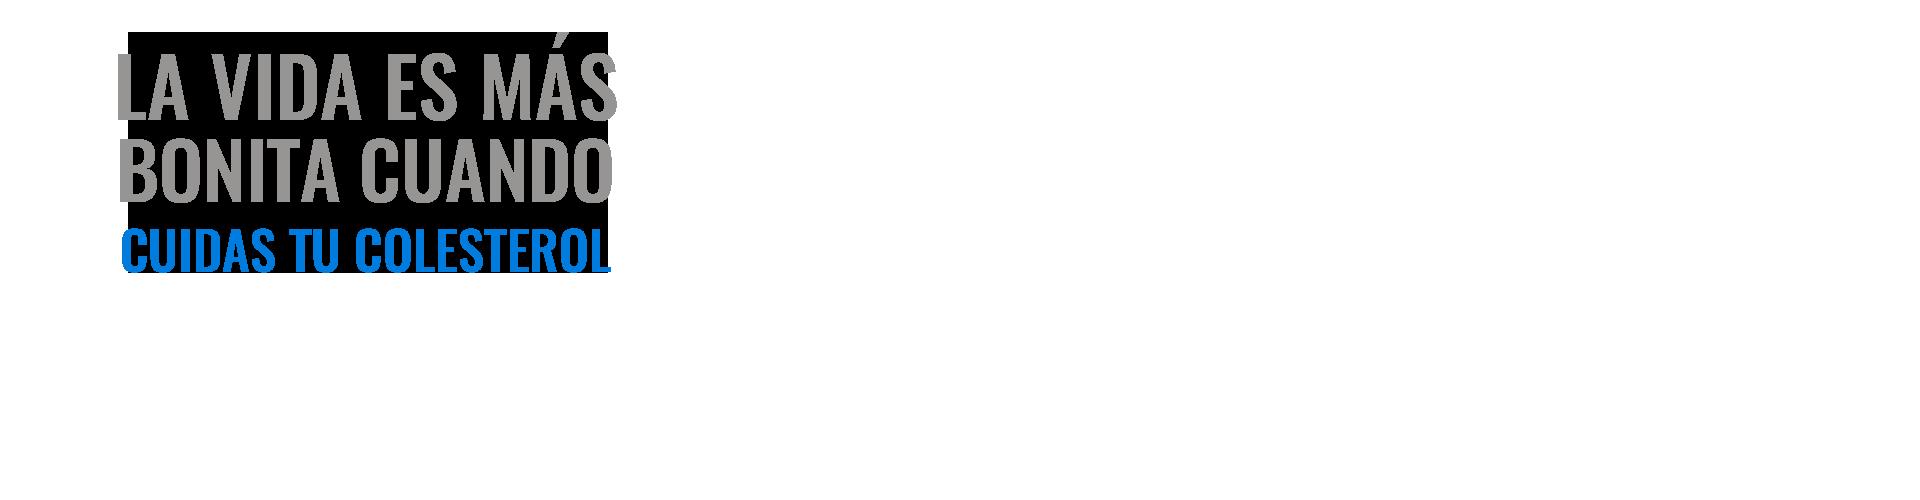 SLIDER-TEXTO